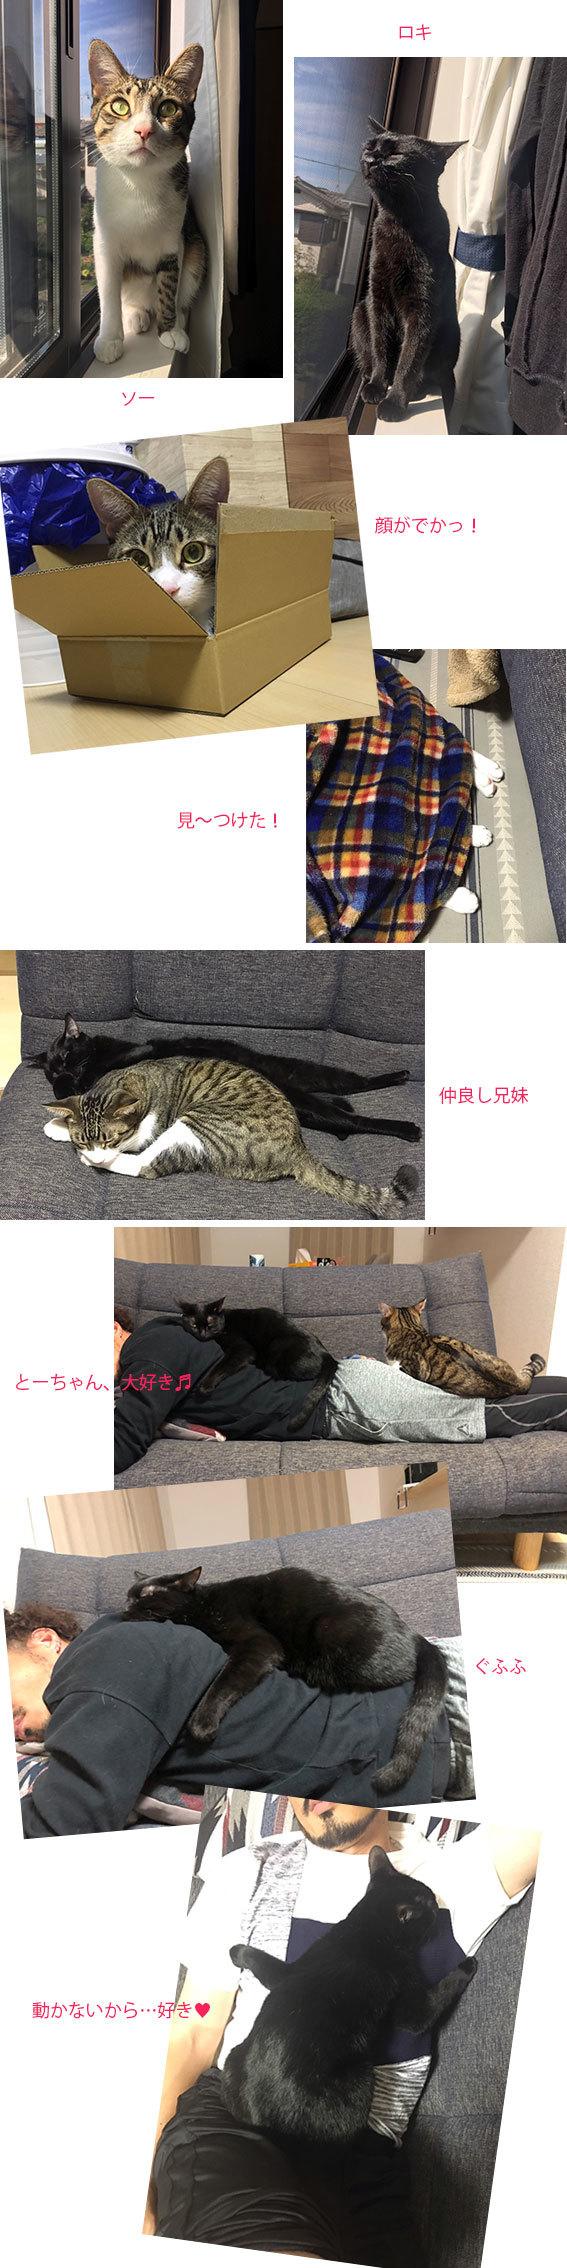 猫展とランチ&ロキとソー通信&アキちゃん通信_d0071596_22225146.jpg